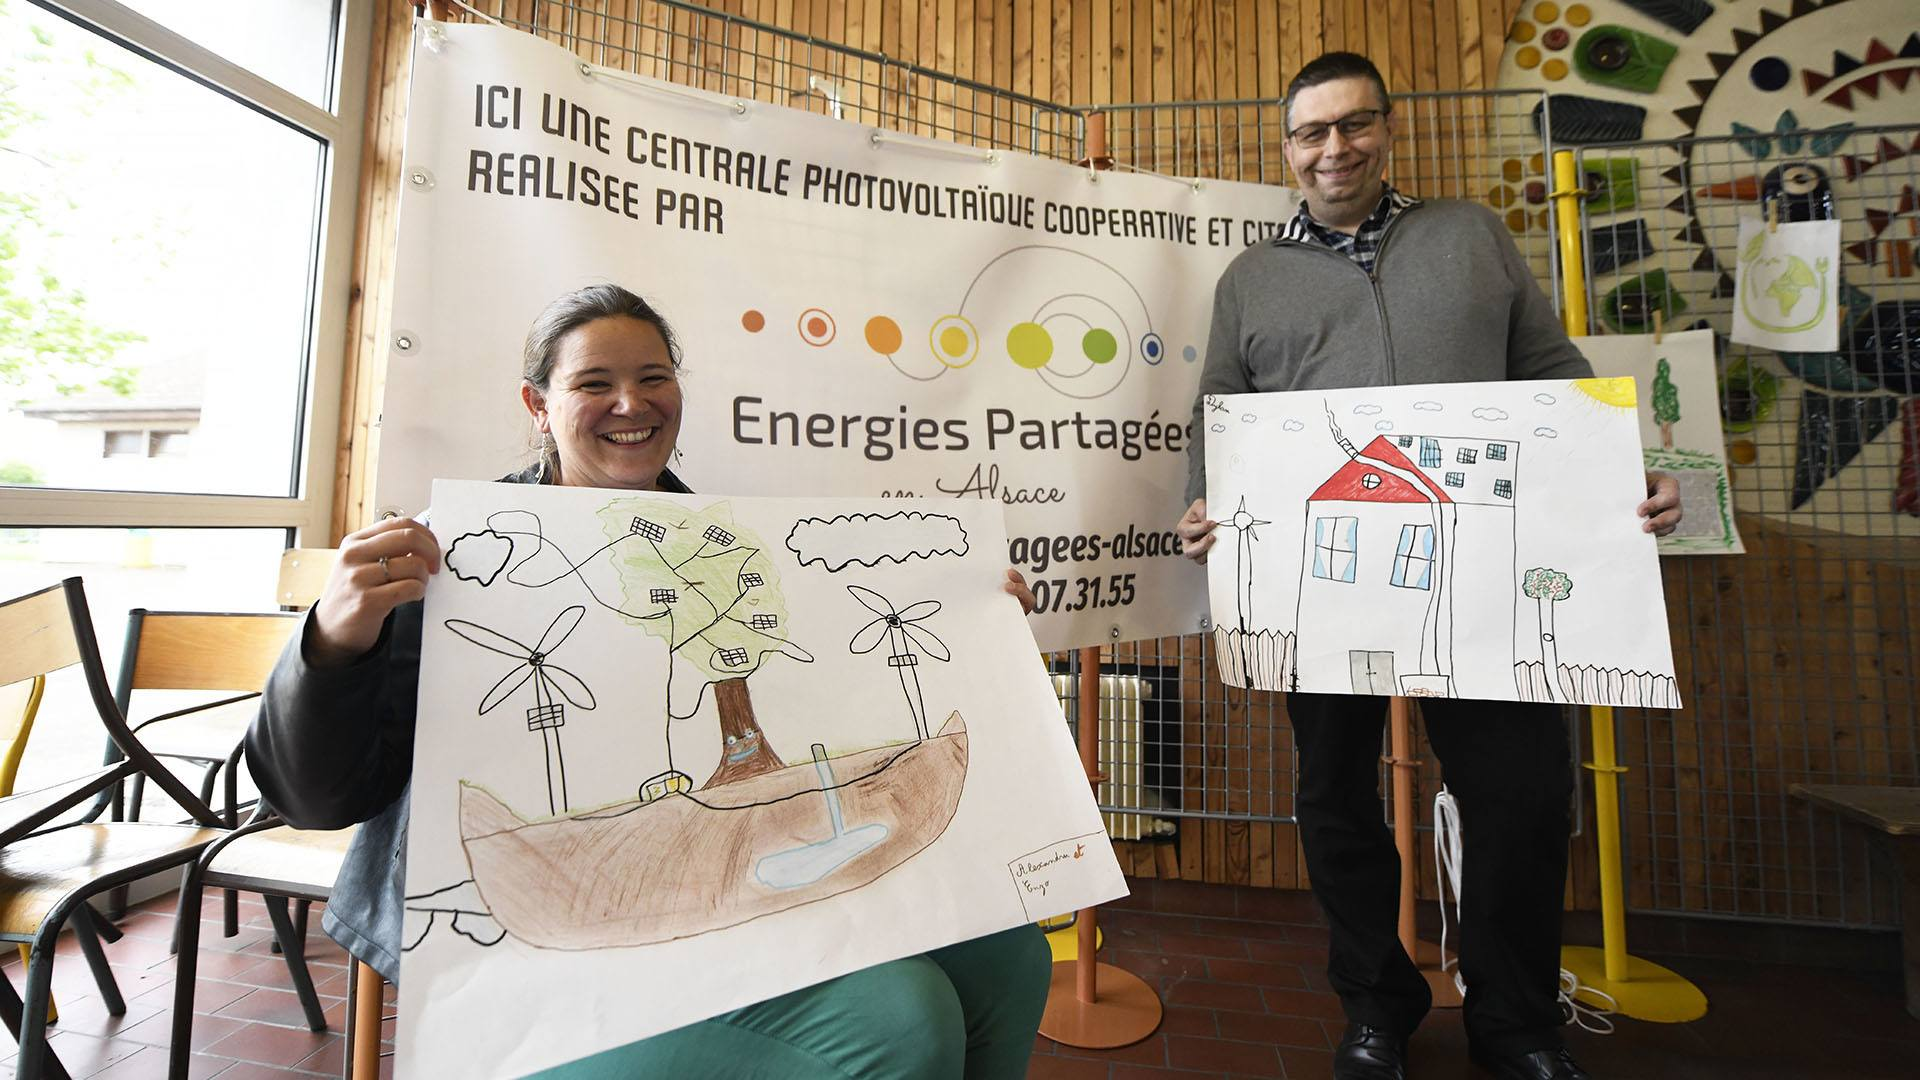 Kingersheim un toit solaire sur l'école du Centre : Julie et Frédéric parents d'élèves et coopérateurs